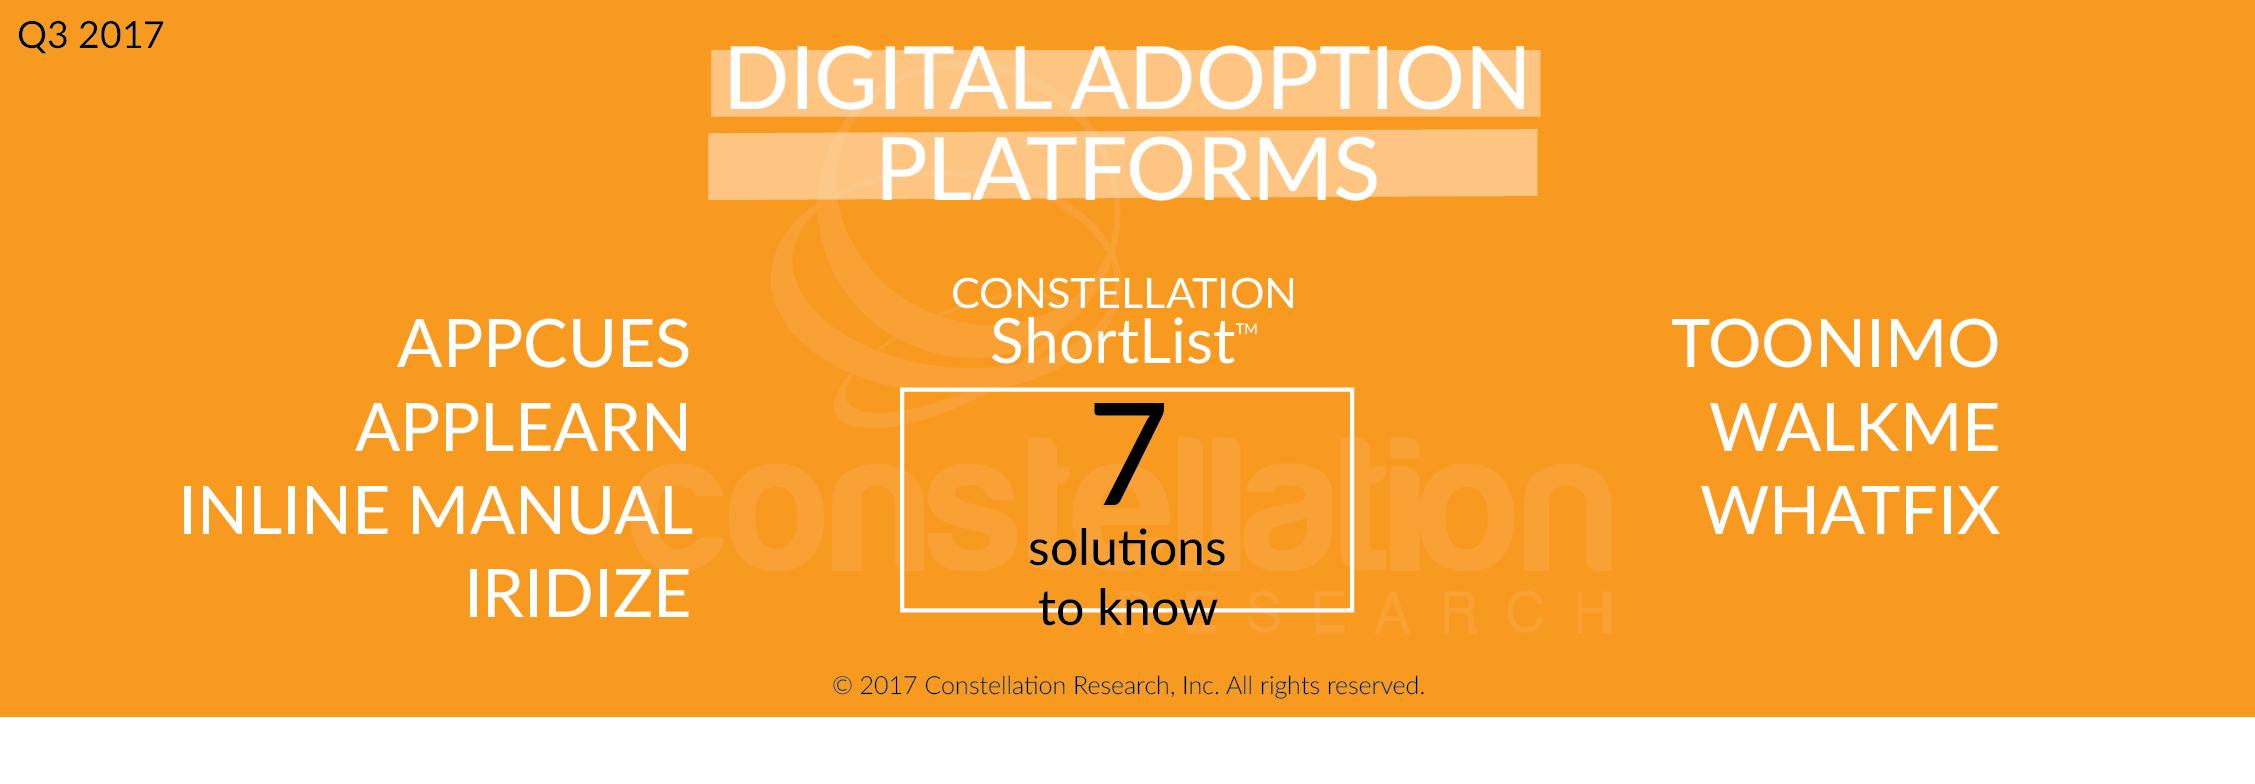 Constellation ShortList Digital Adoption Platforms